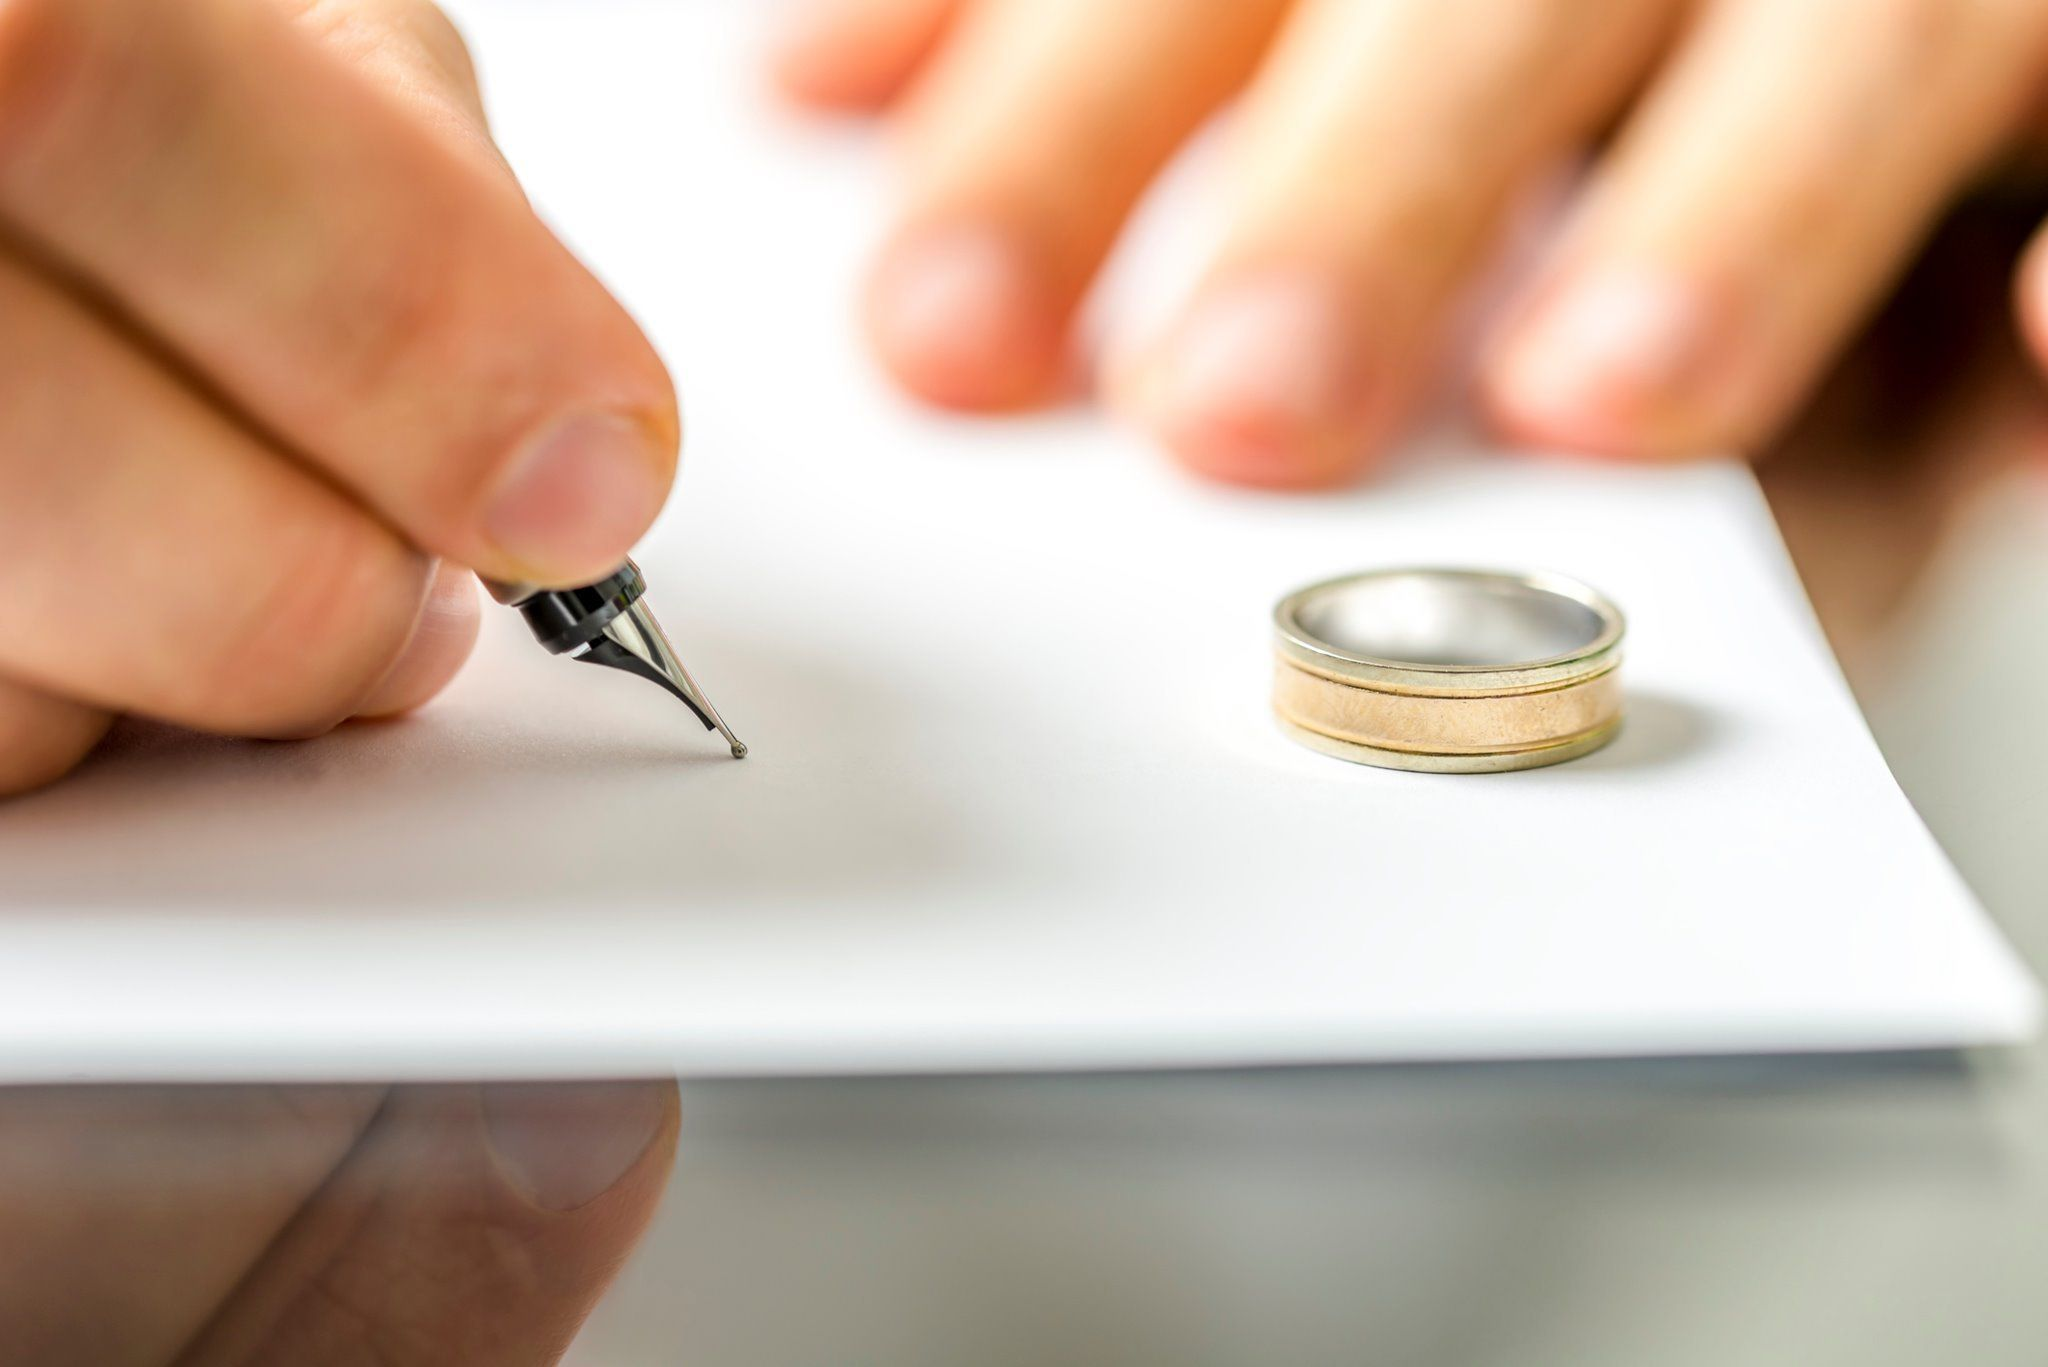 نمونه لایحه طلاق از طرف زوجه